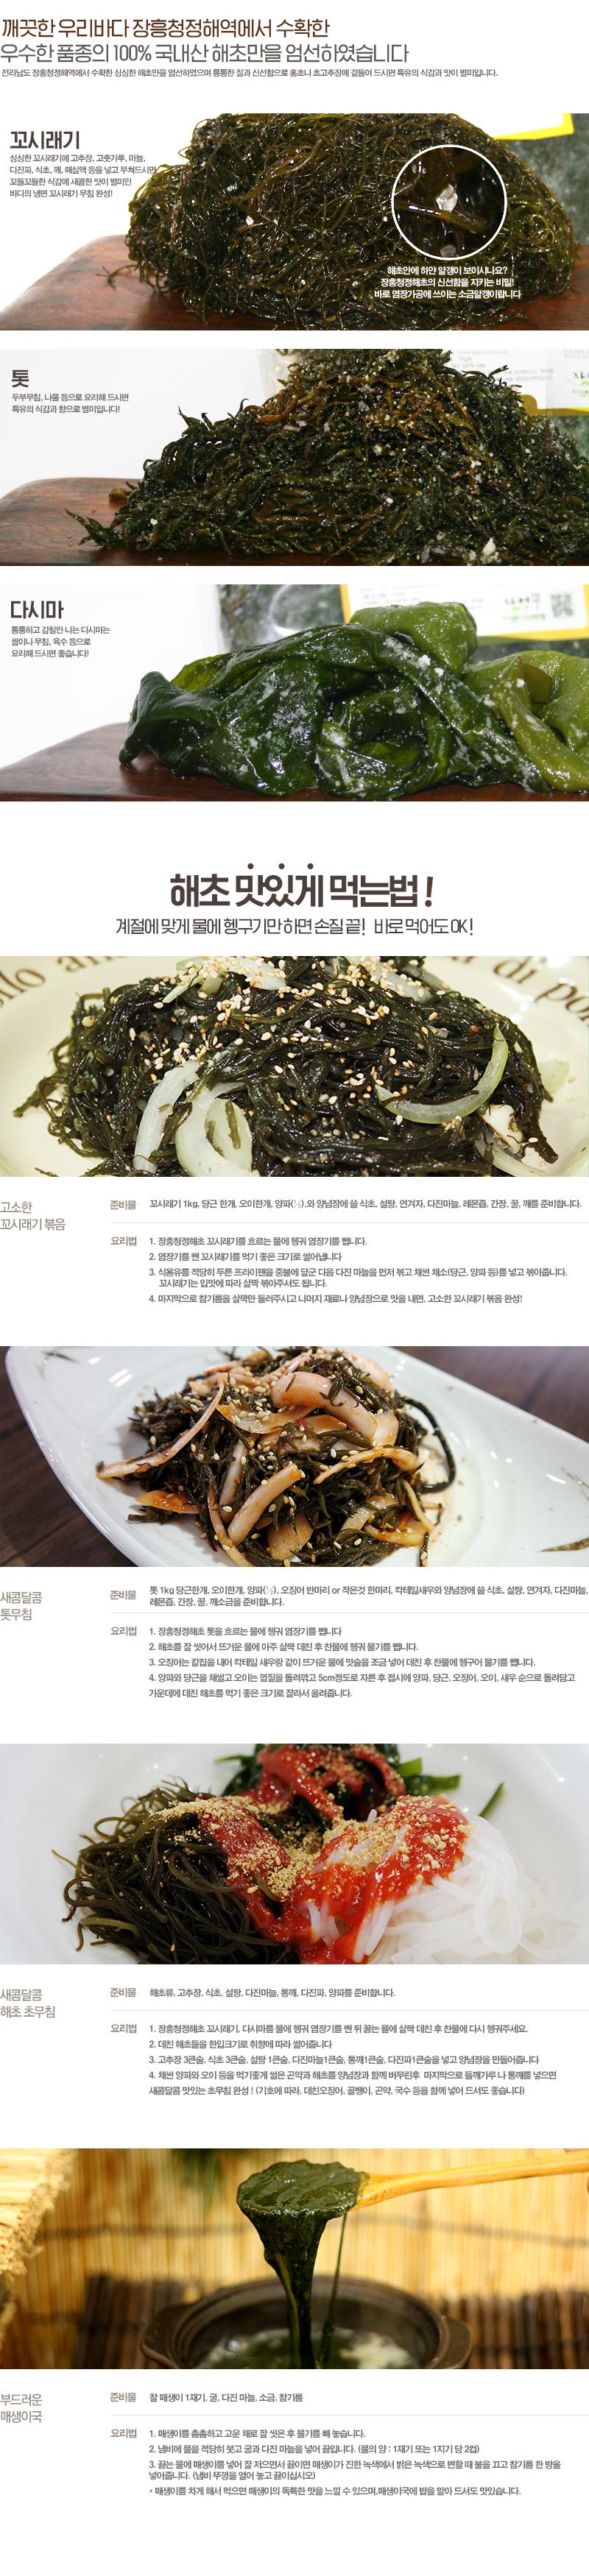 [장흥청정해초] 말린 세모가사리 1kg